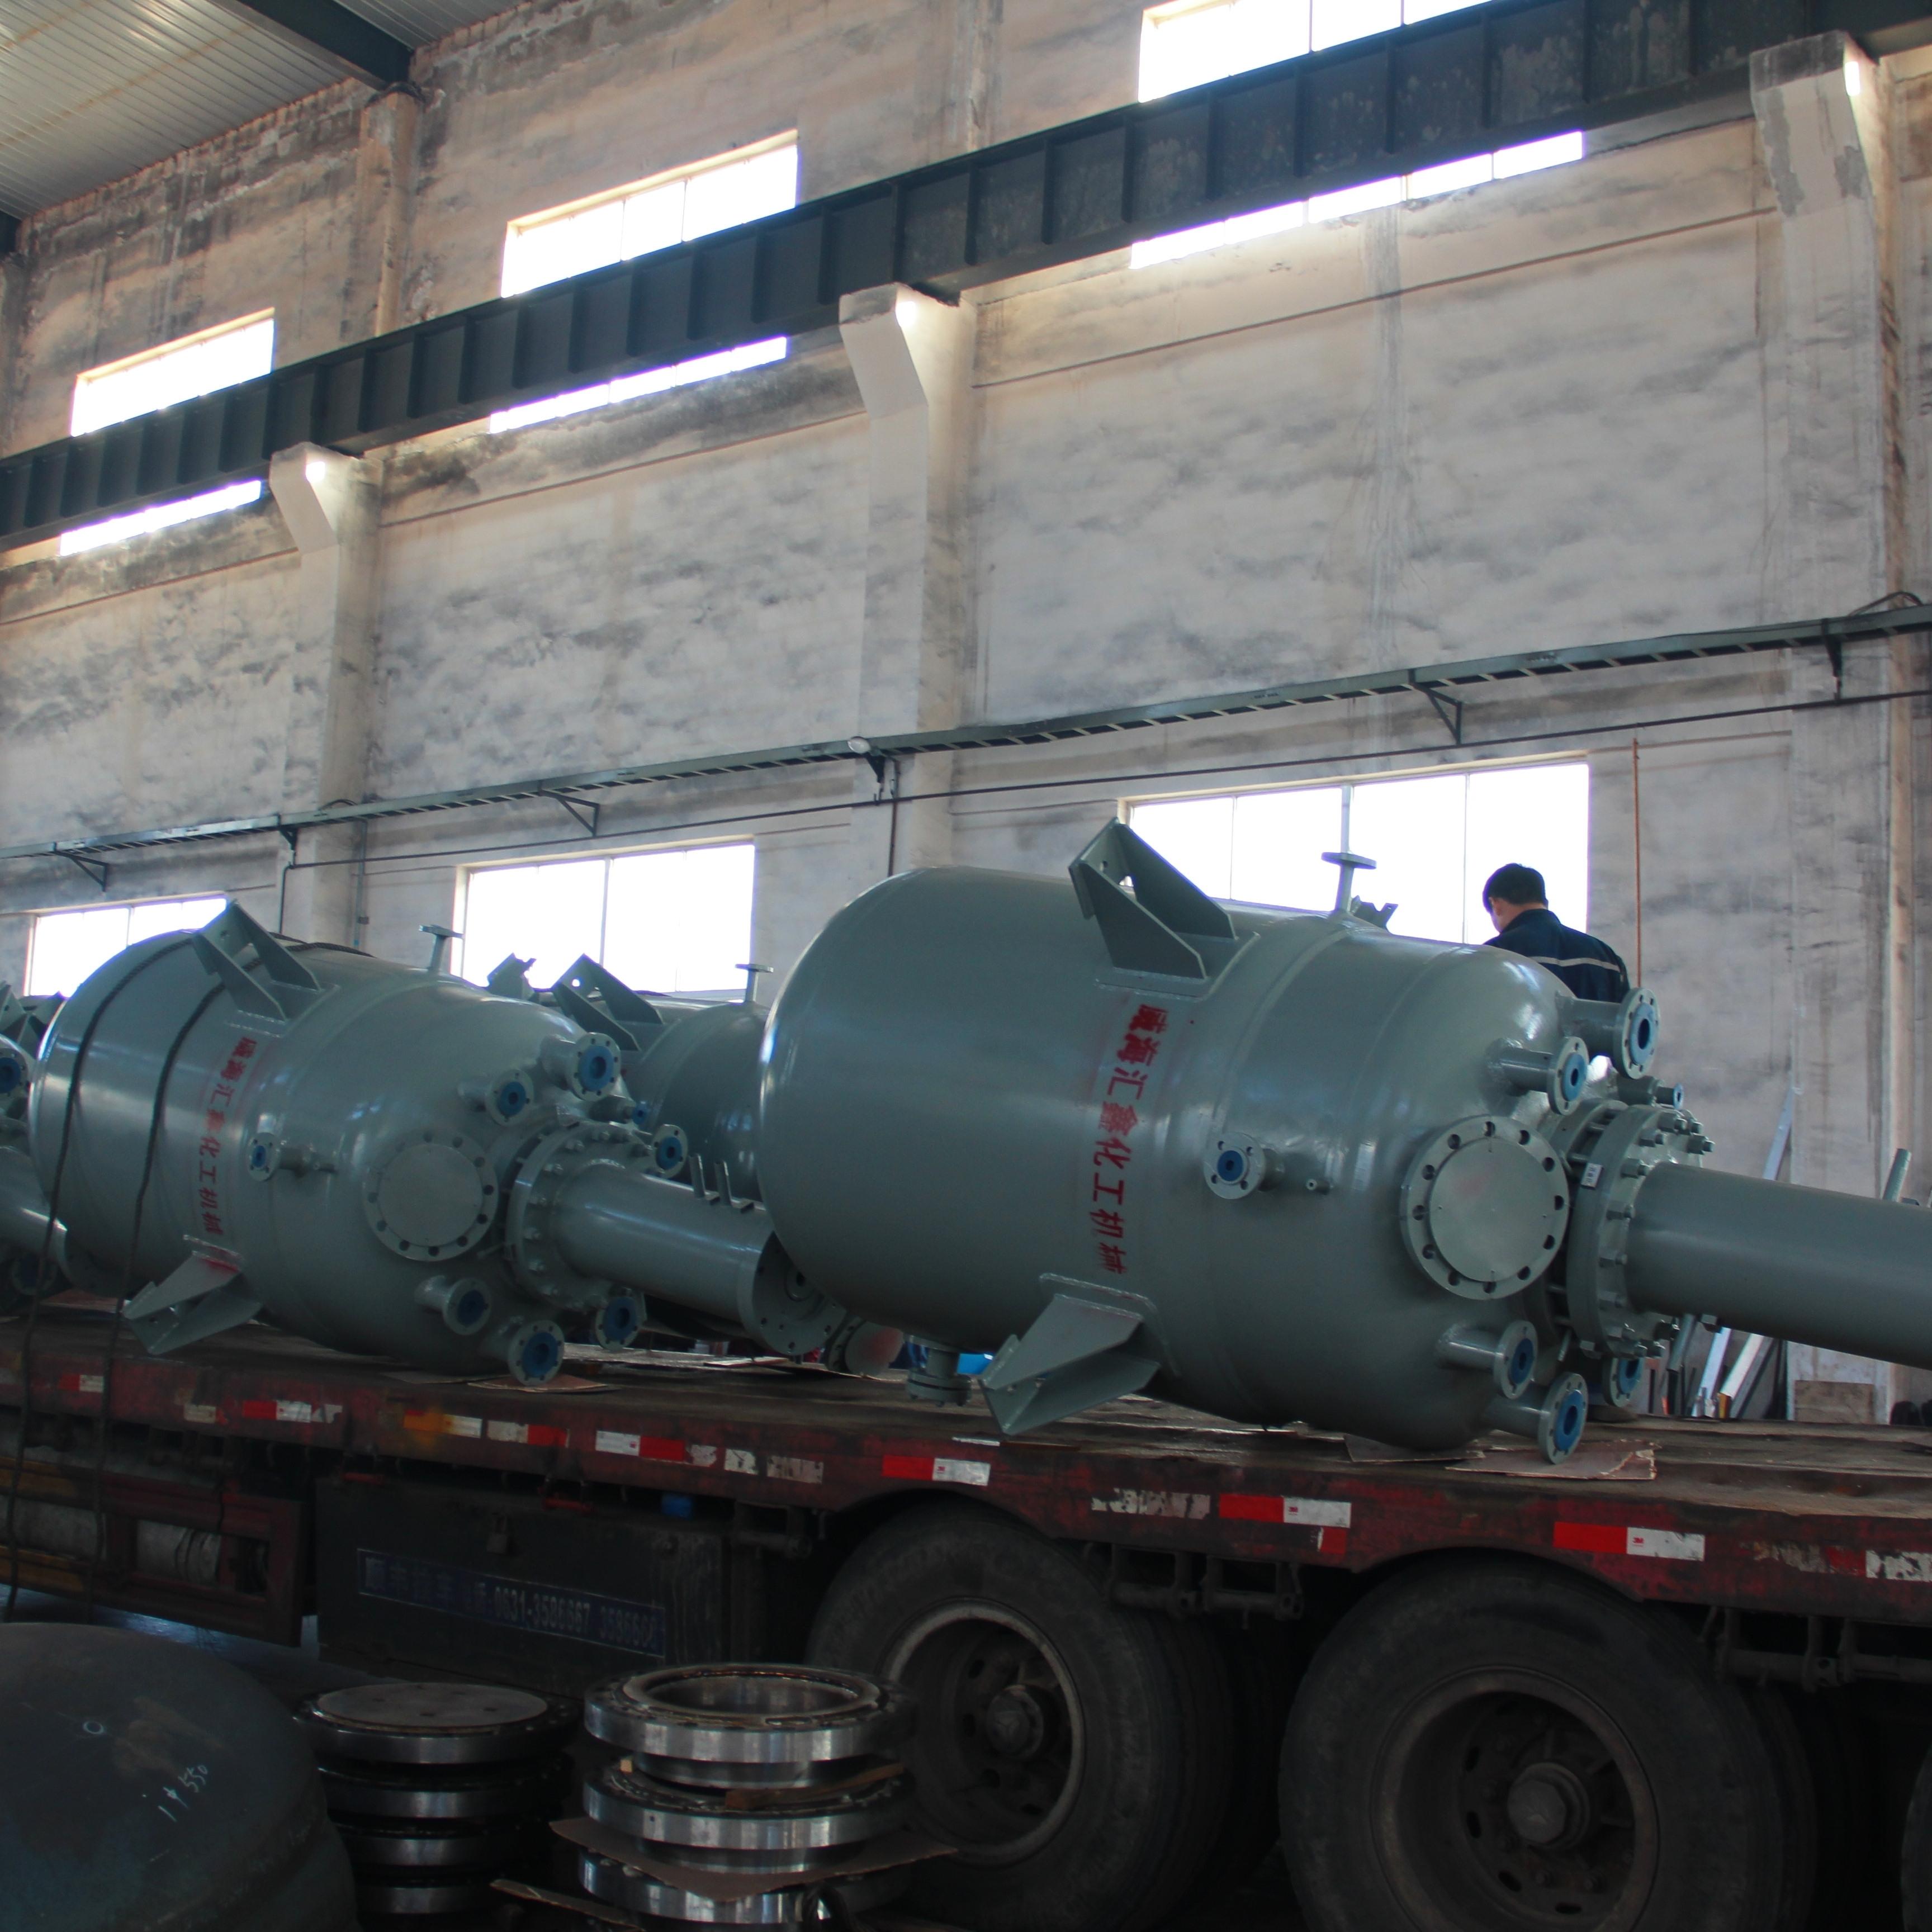 我公司为山东某科技公司生产的3000L反应釜日前顺利完工出厂